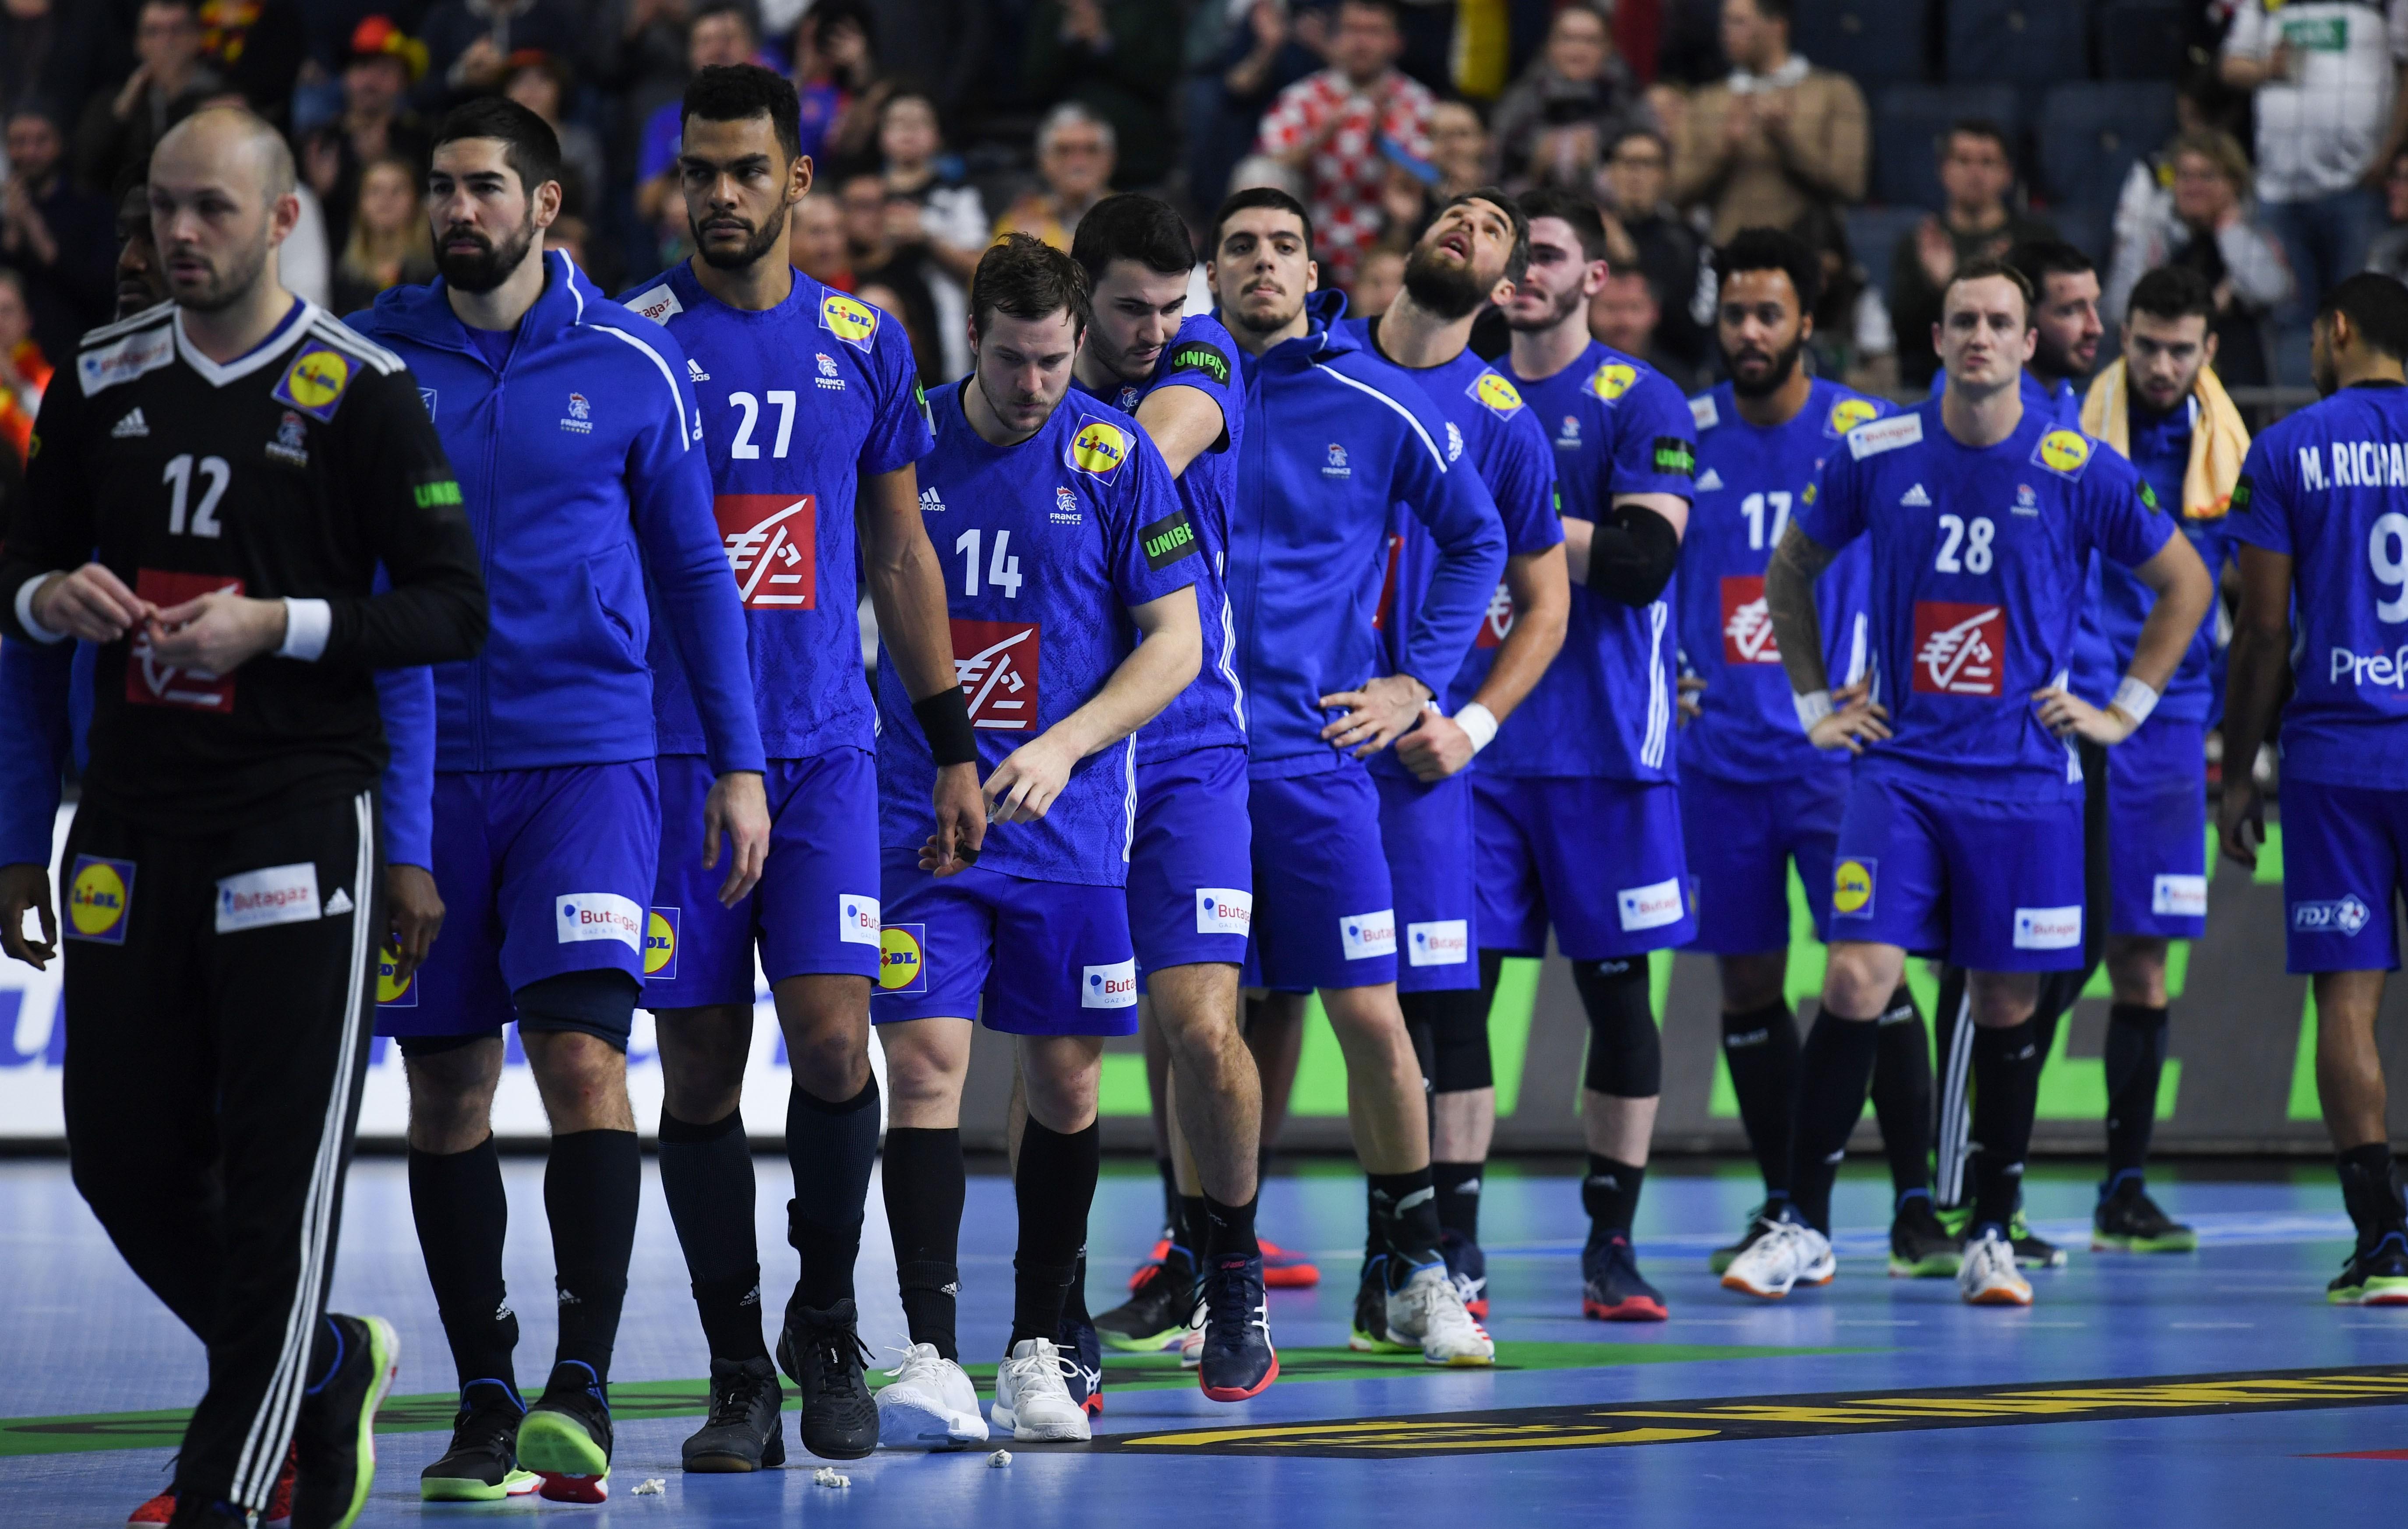 L'équipe de France de handball / Mondiaux 2019